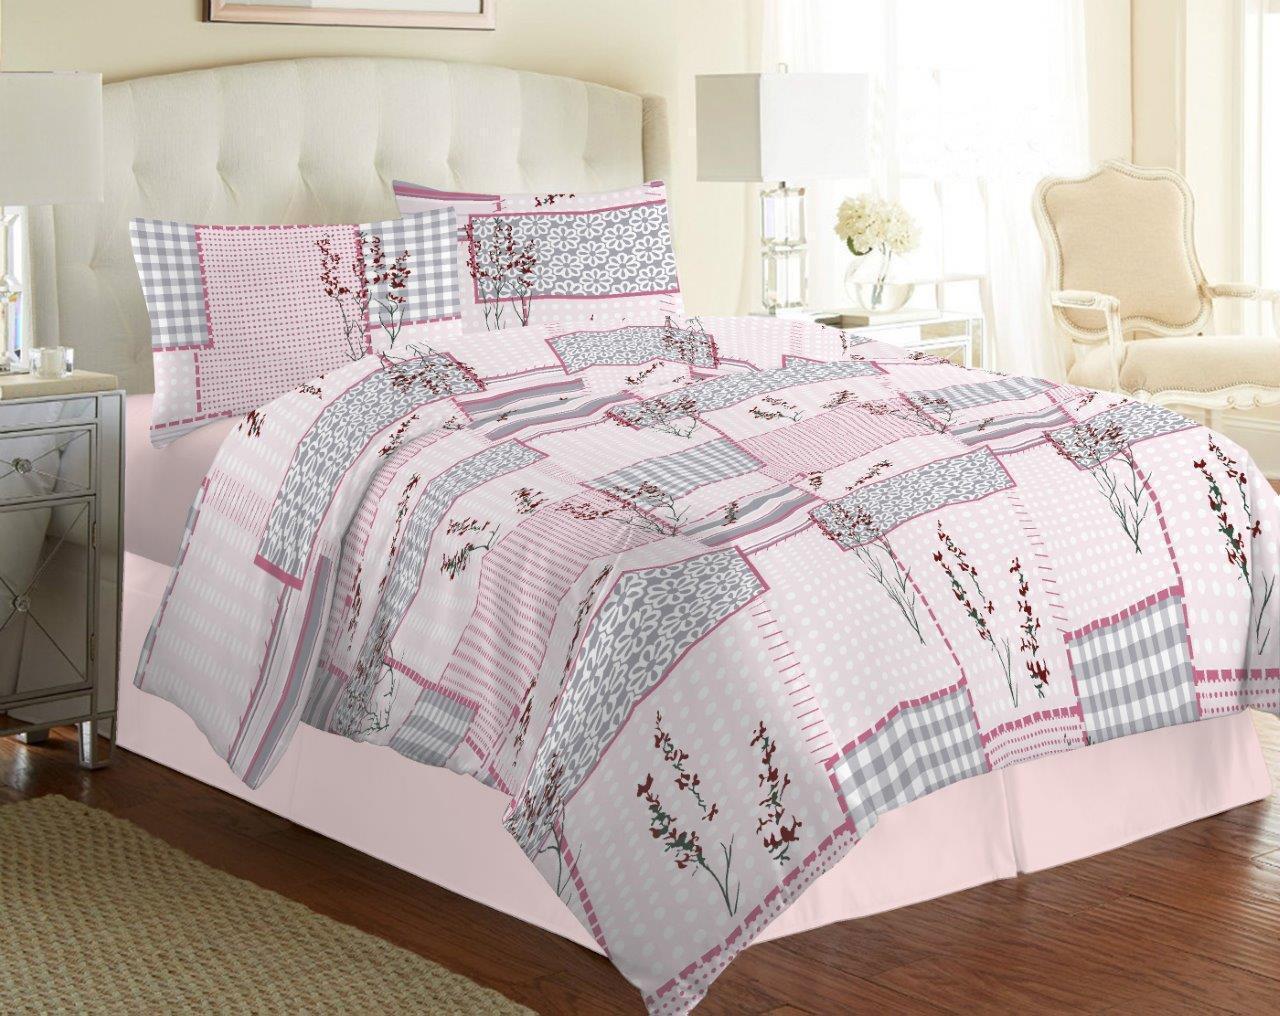 Комплект двуспального постельного белья Бухара